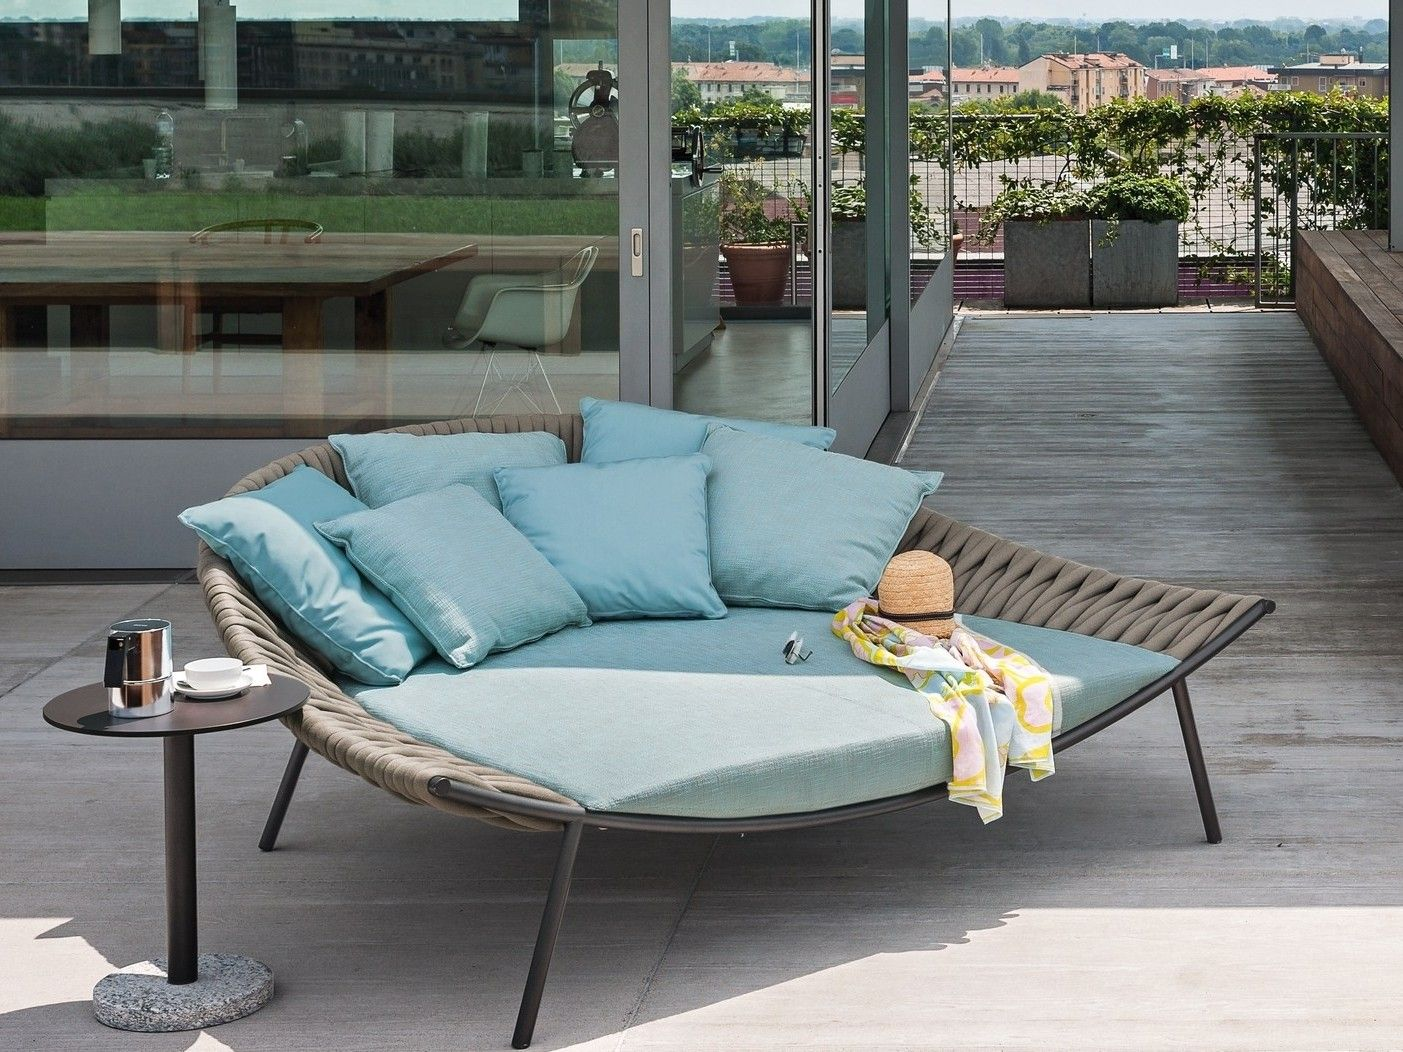 Fabric garden bed ARENA by RODA - Fabric Garden Bed ARENA By RODA Outdoor Fur In 2018 Garden Beds